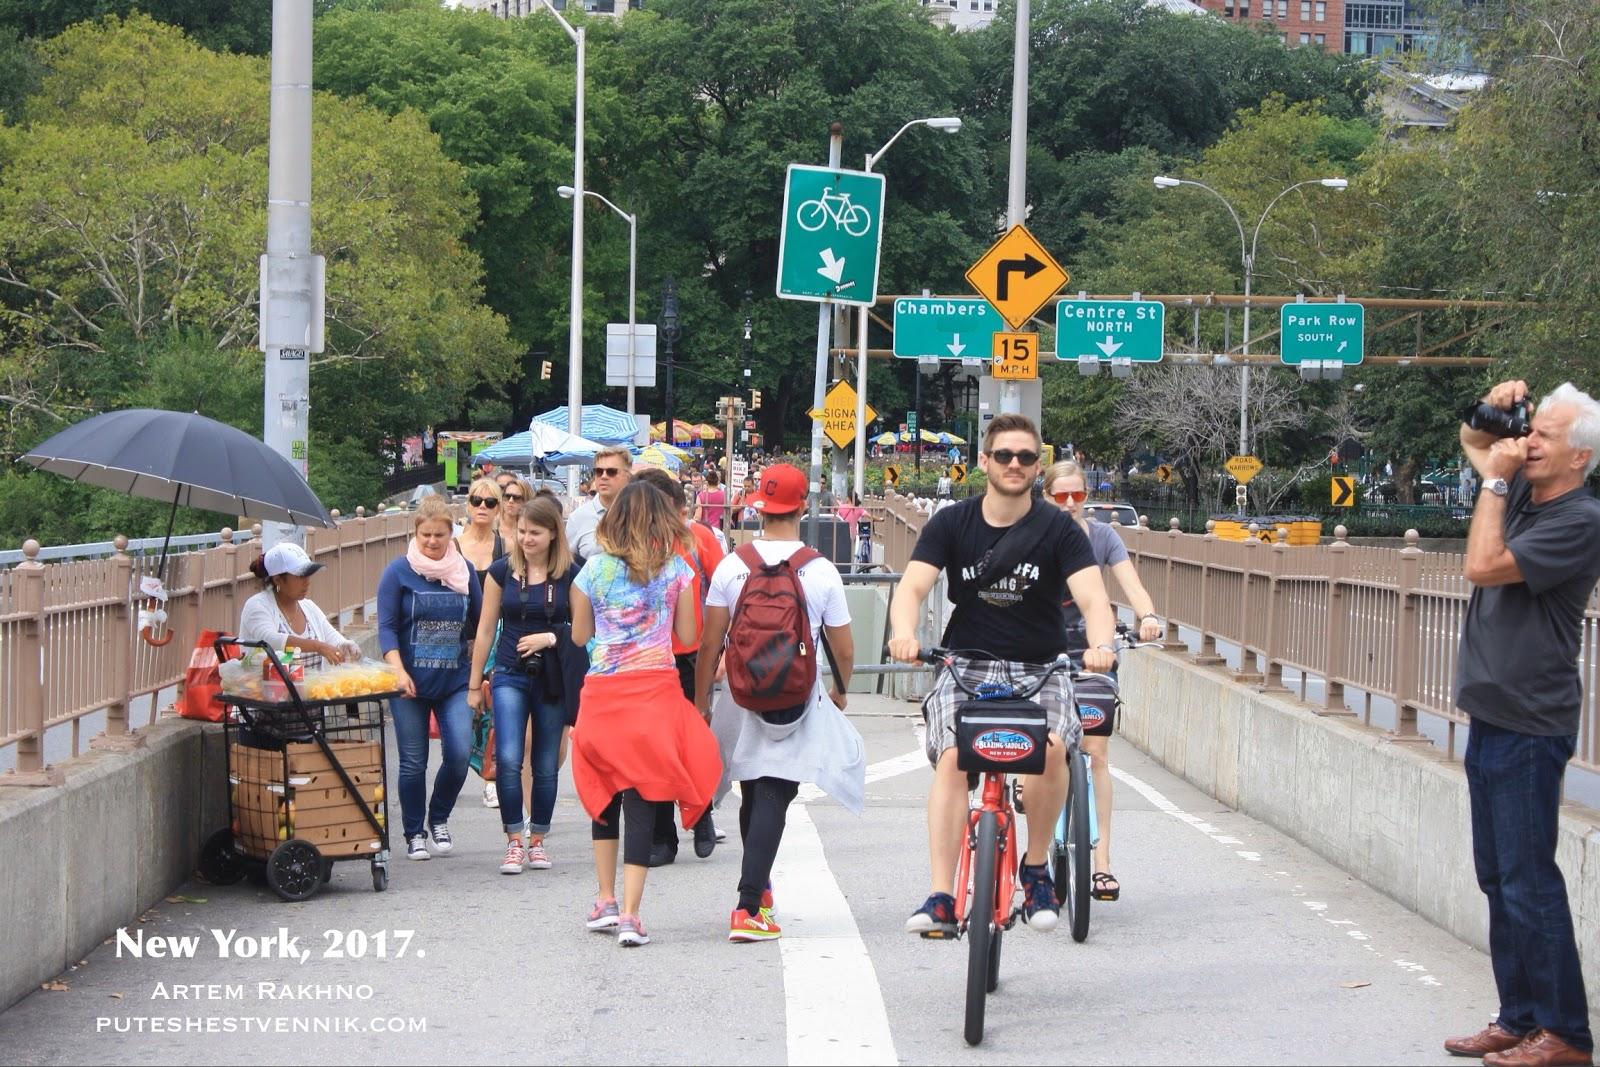 Велосипедисты и пешеходы на Бруклинском мосту